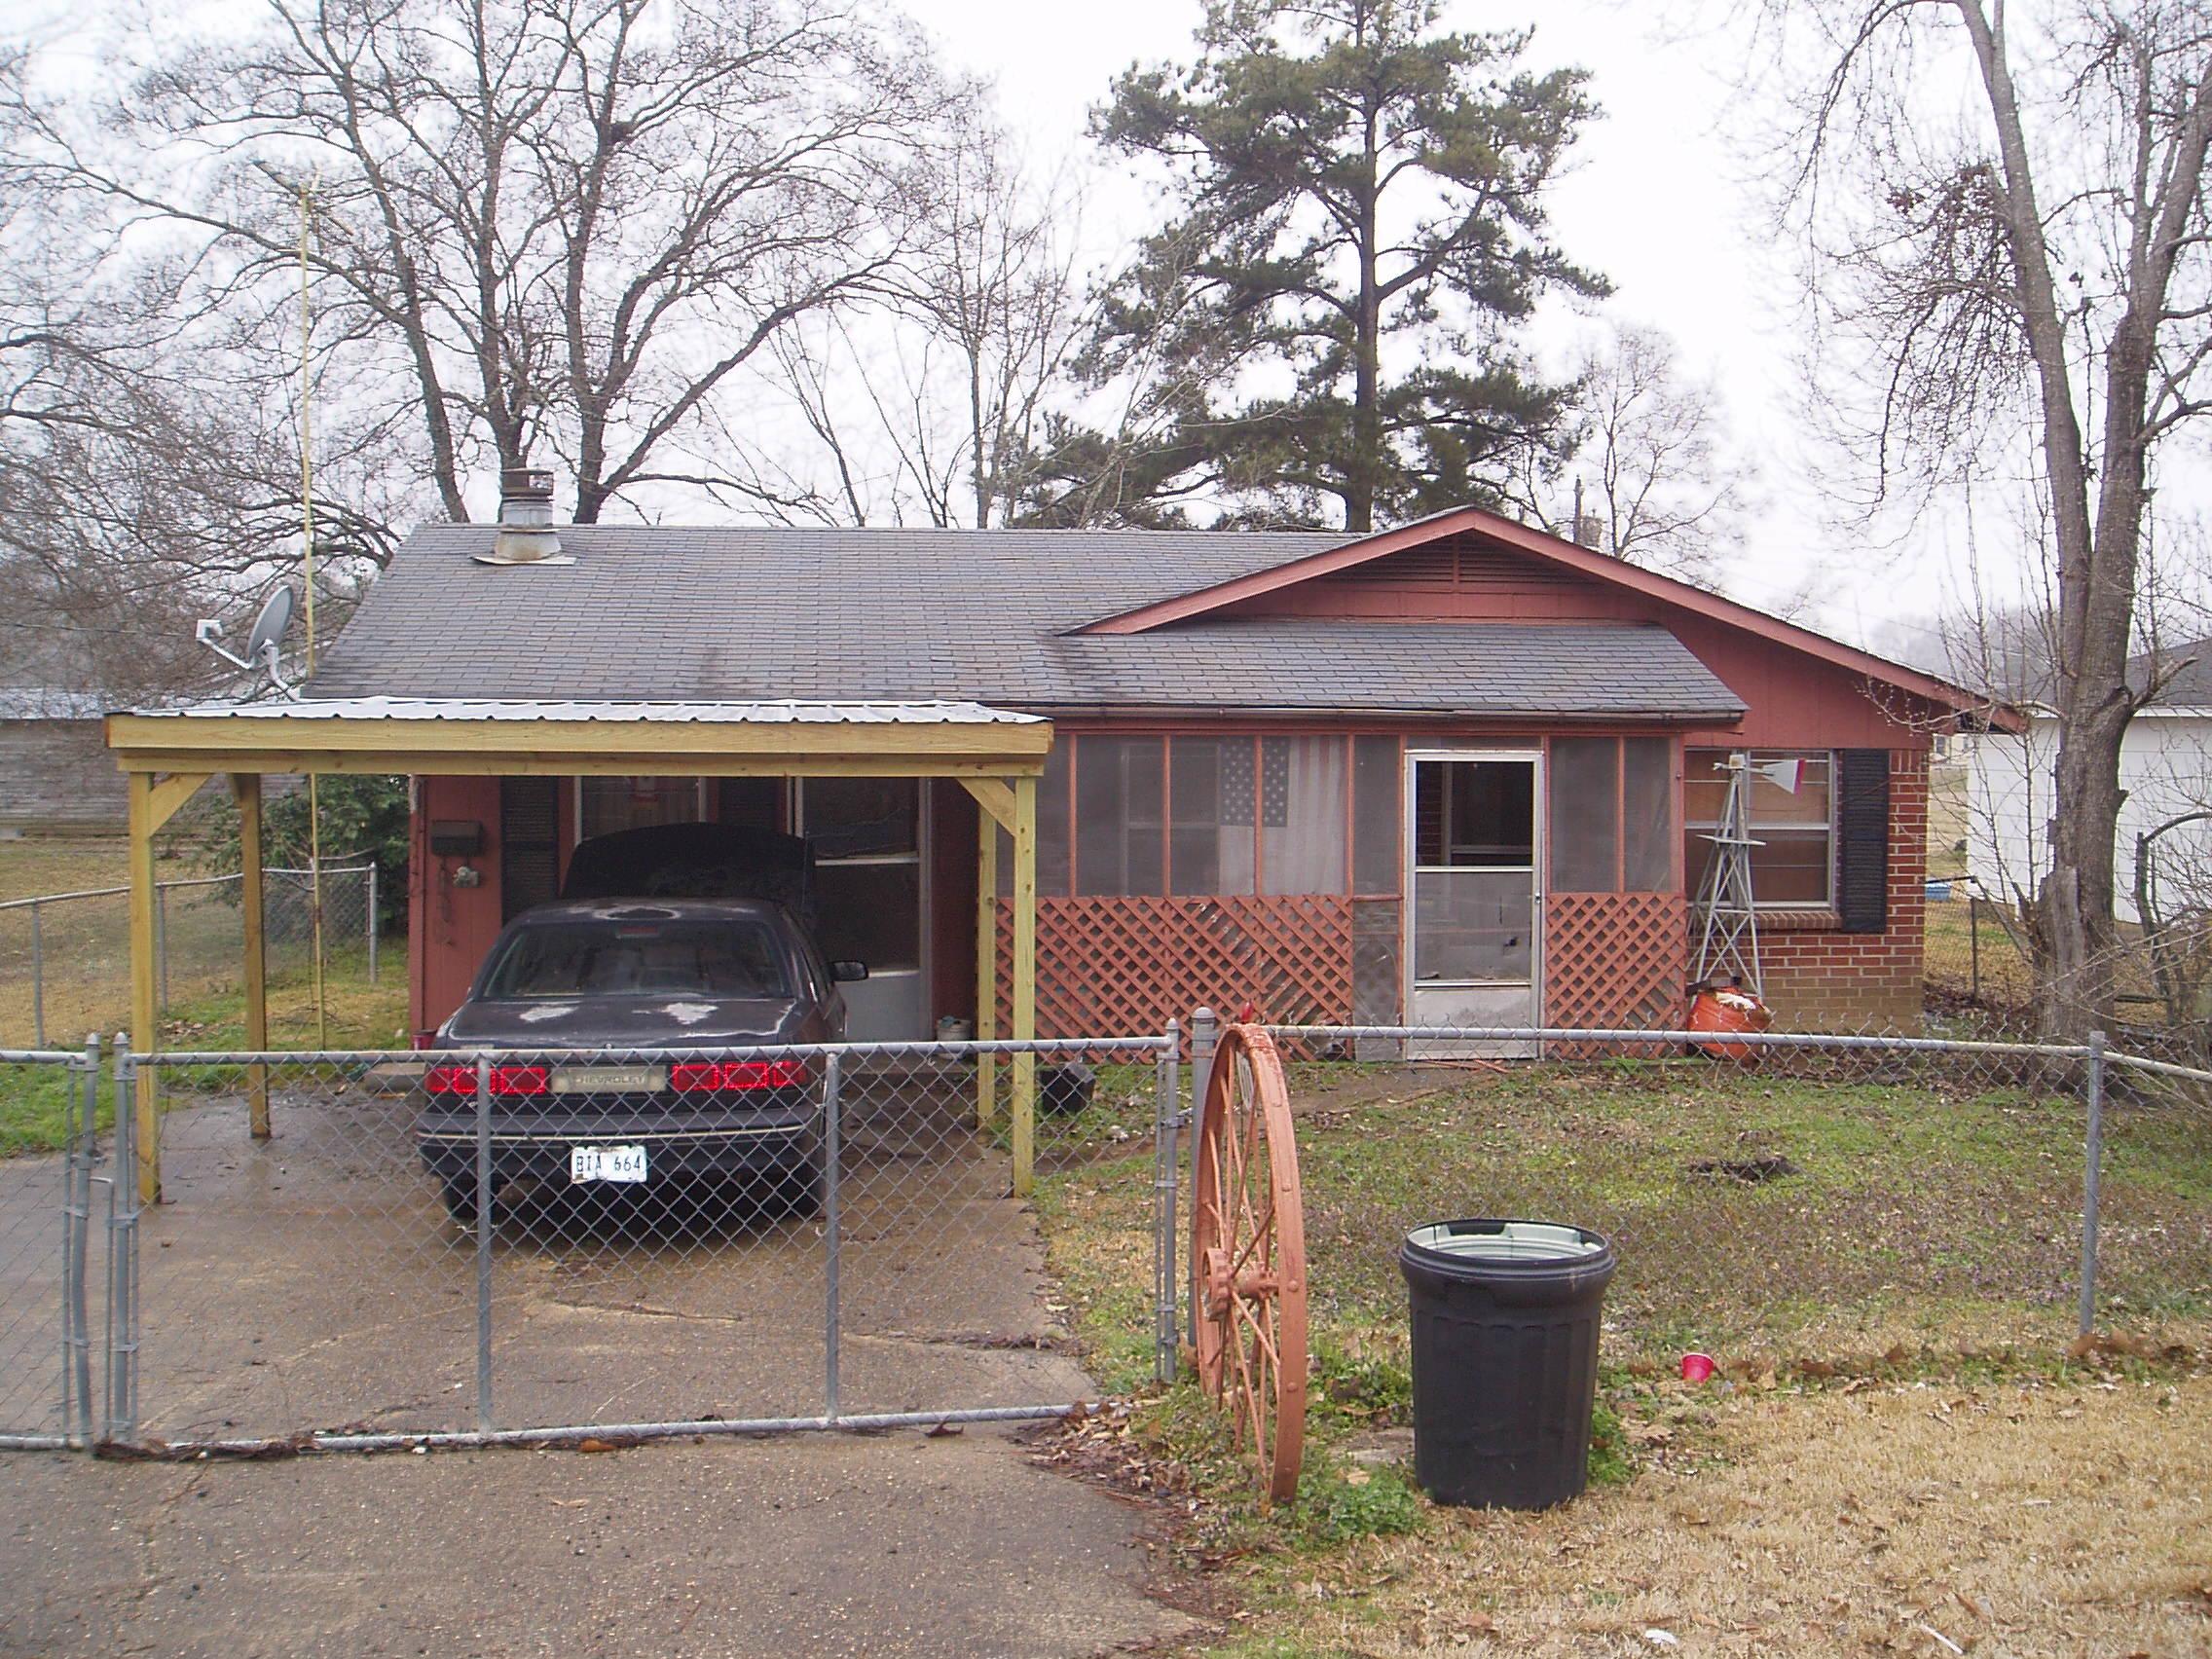 609 N. Horner, Oak Grove, Louisiana 71263